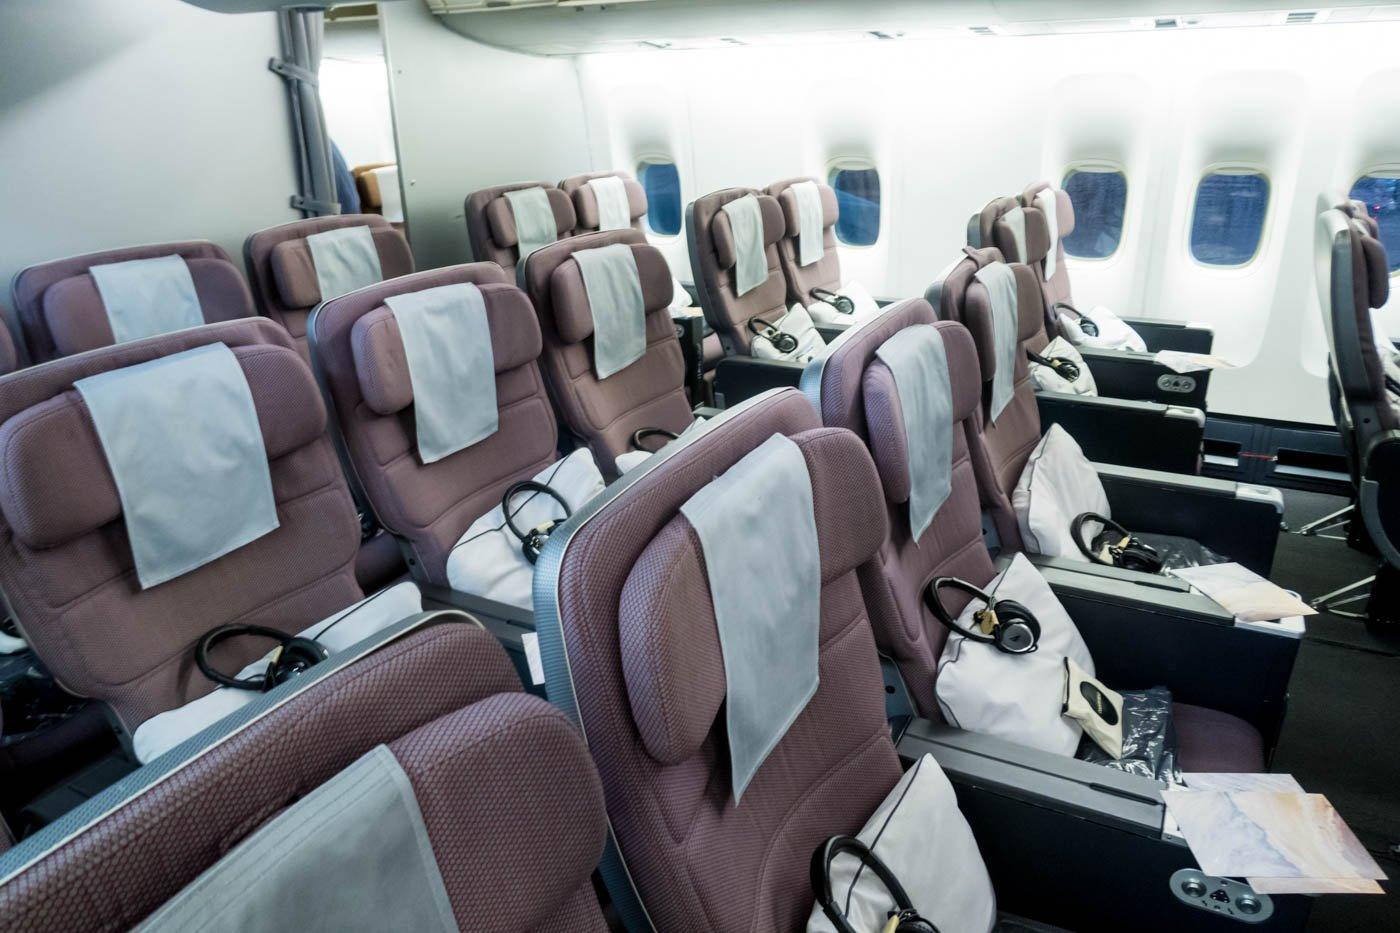 Qantas Boeing 747-400 Premium Economy Class